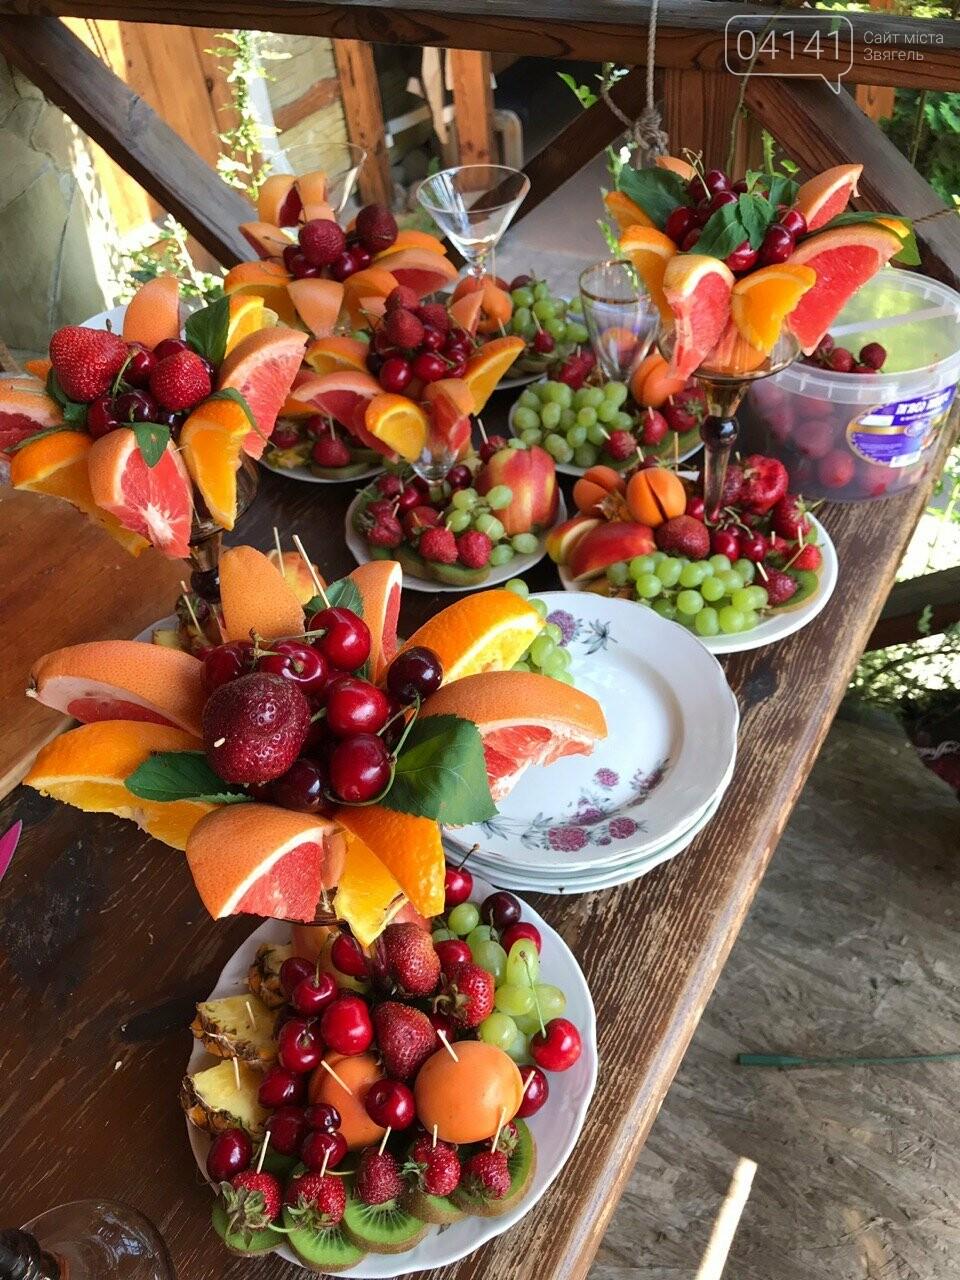 Знайомтеся, це Анна з Новограду - майстриня, яка створює неймовірні фруктові букети, фото-5